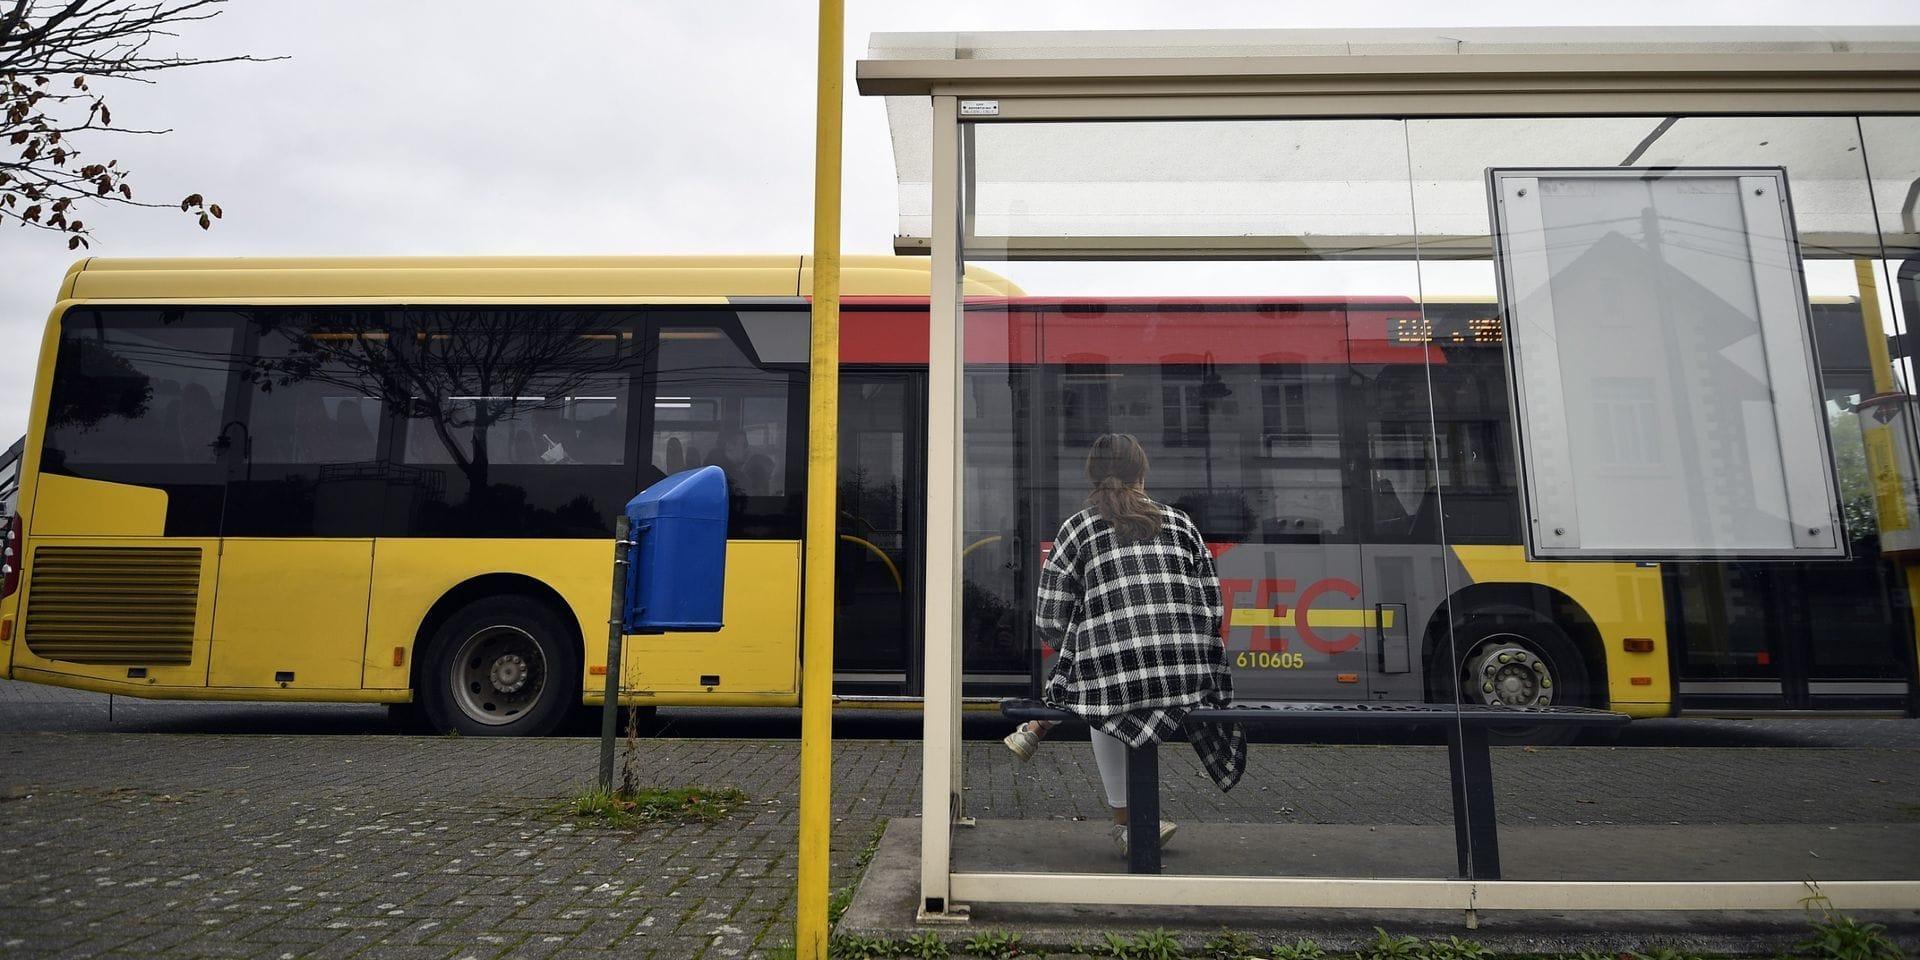 Le TEC serre la vis face au coronavirus : maximum 5 personnes par bus